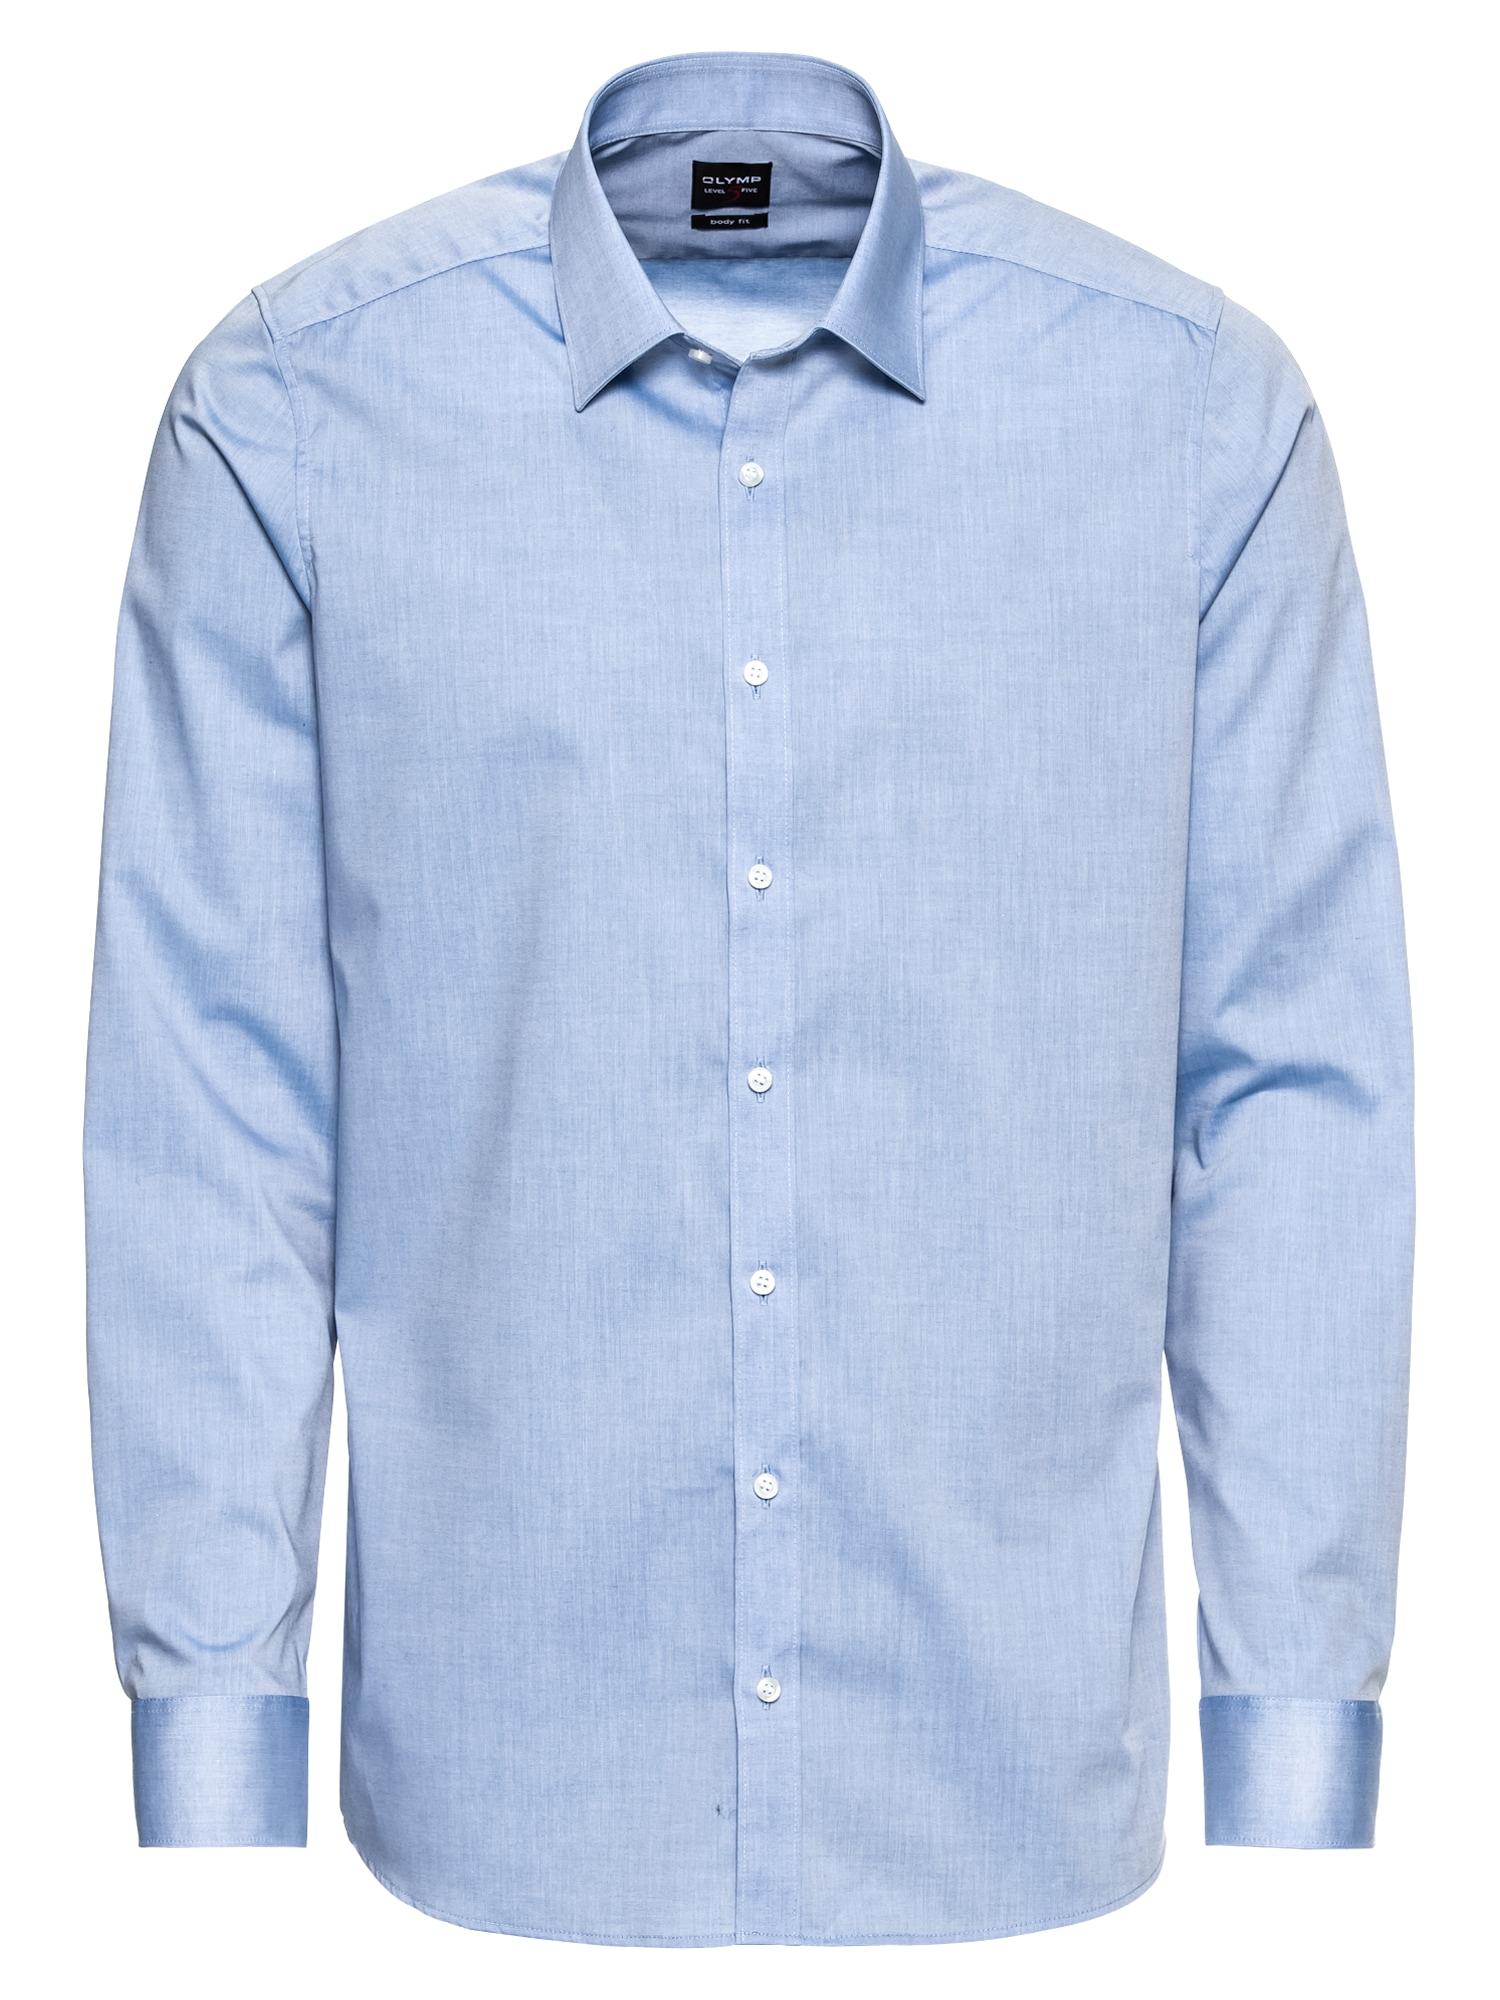 Společenská košile Level 5 Chambray marine modrá OLYMP